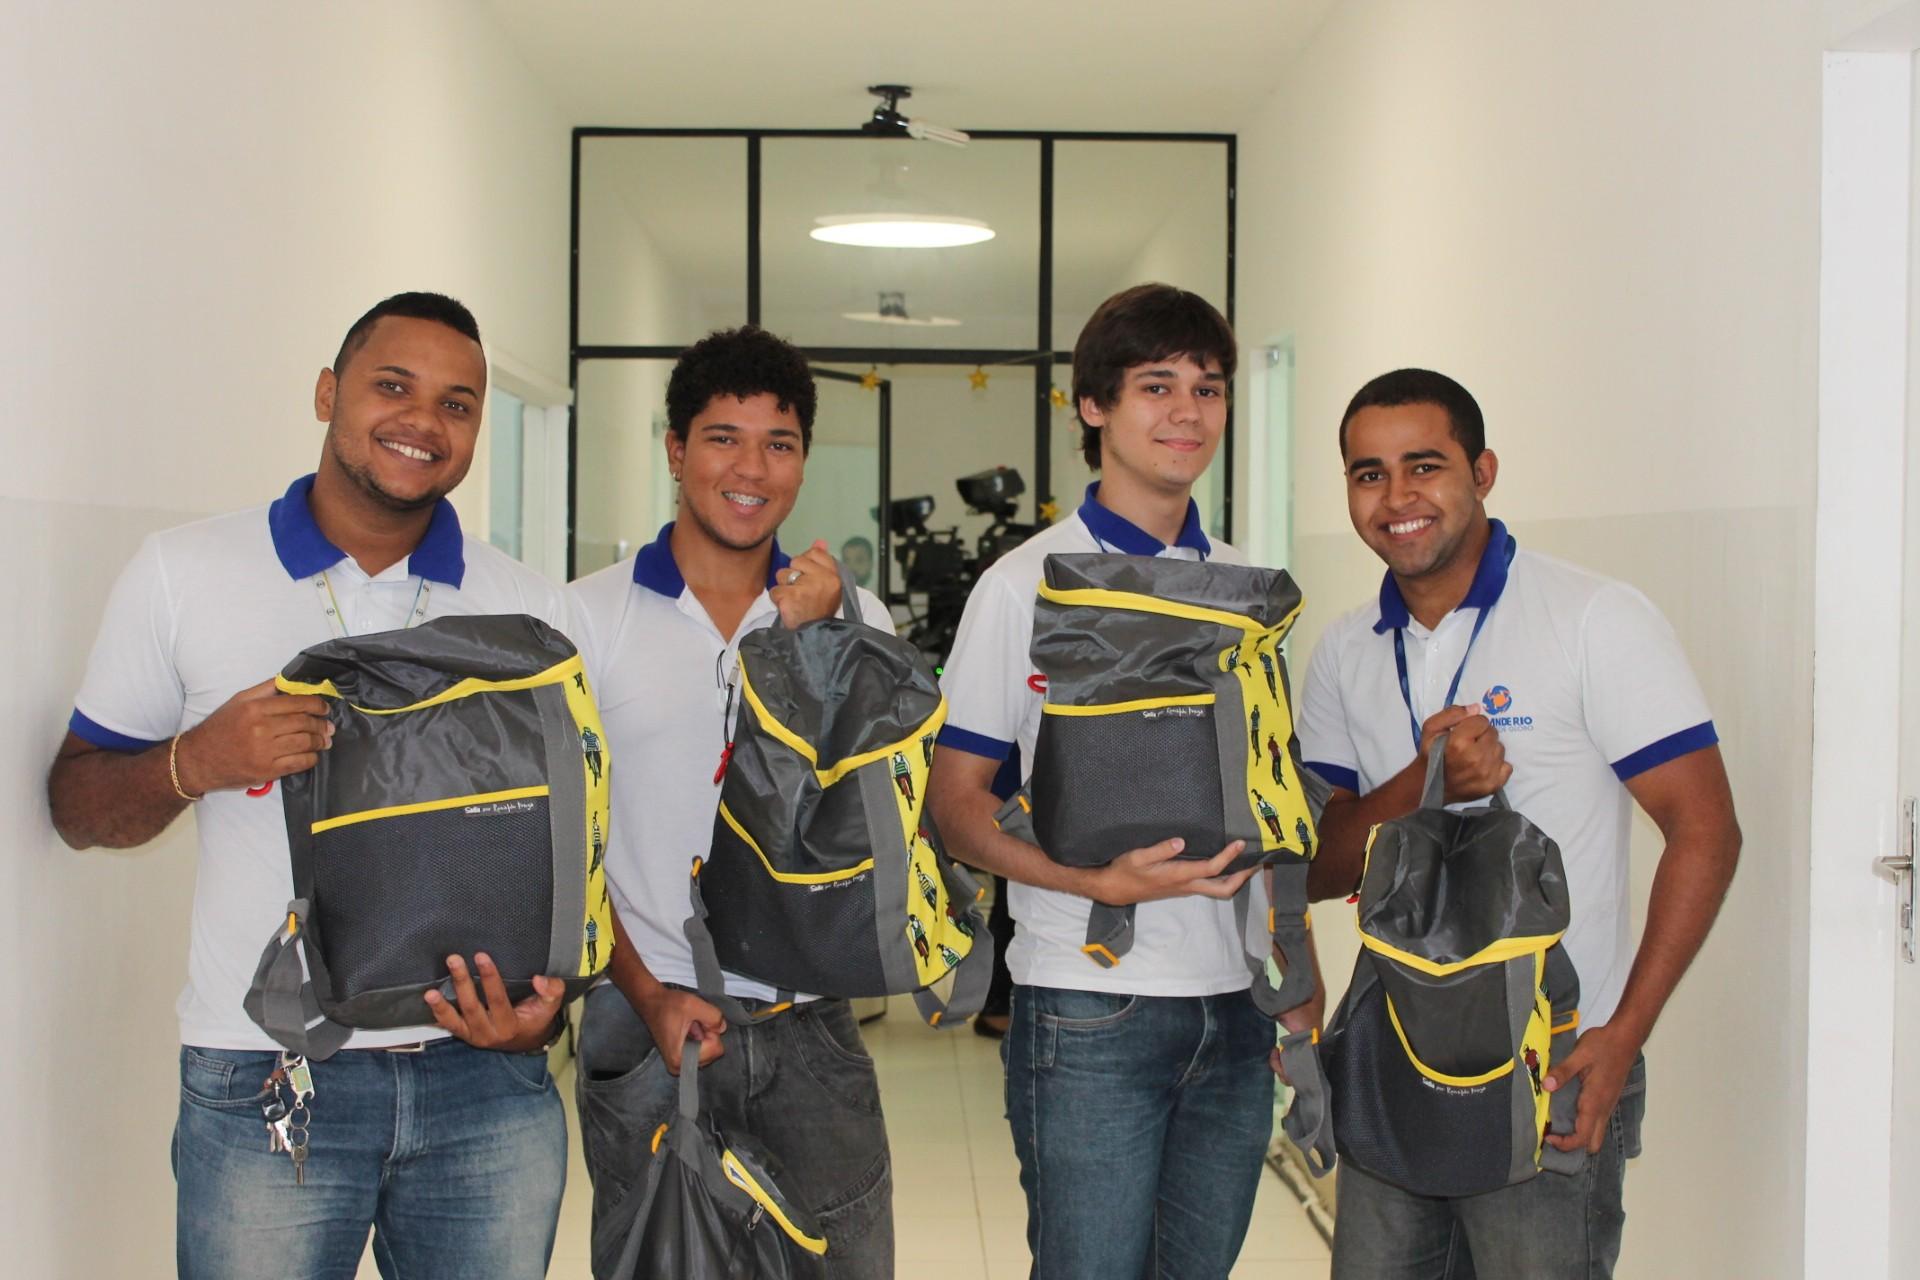 Funcionários ganharam kits para a ceia de final de ano (Foto: Gabriela Canário)